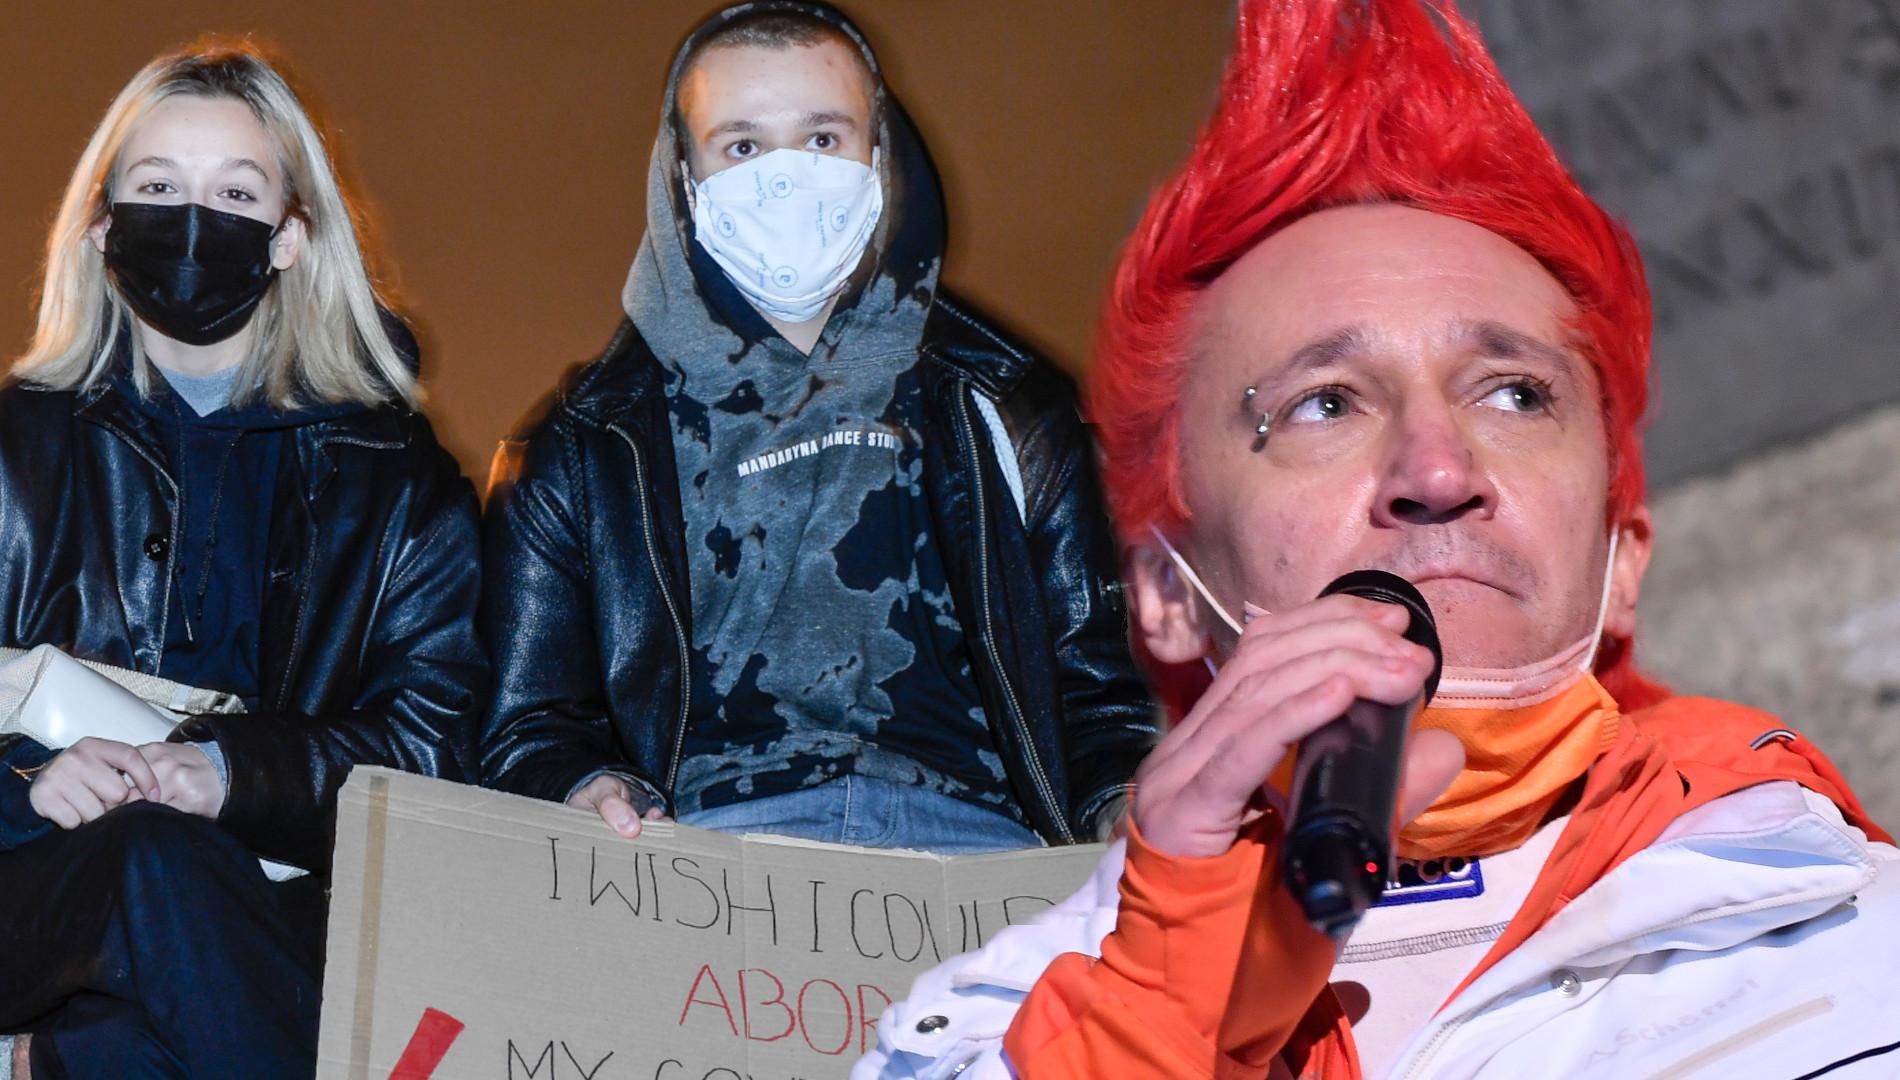 Michał Wiśniewski z DZIEĆMI na marszu Daj Żyć Kulturze. Kto jeszcze się pojawił?  (ZDJĘCIA)